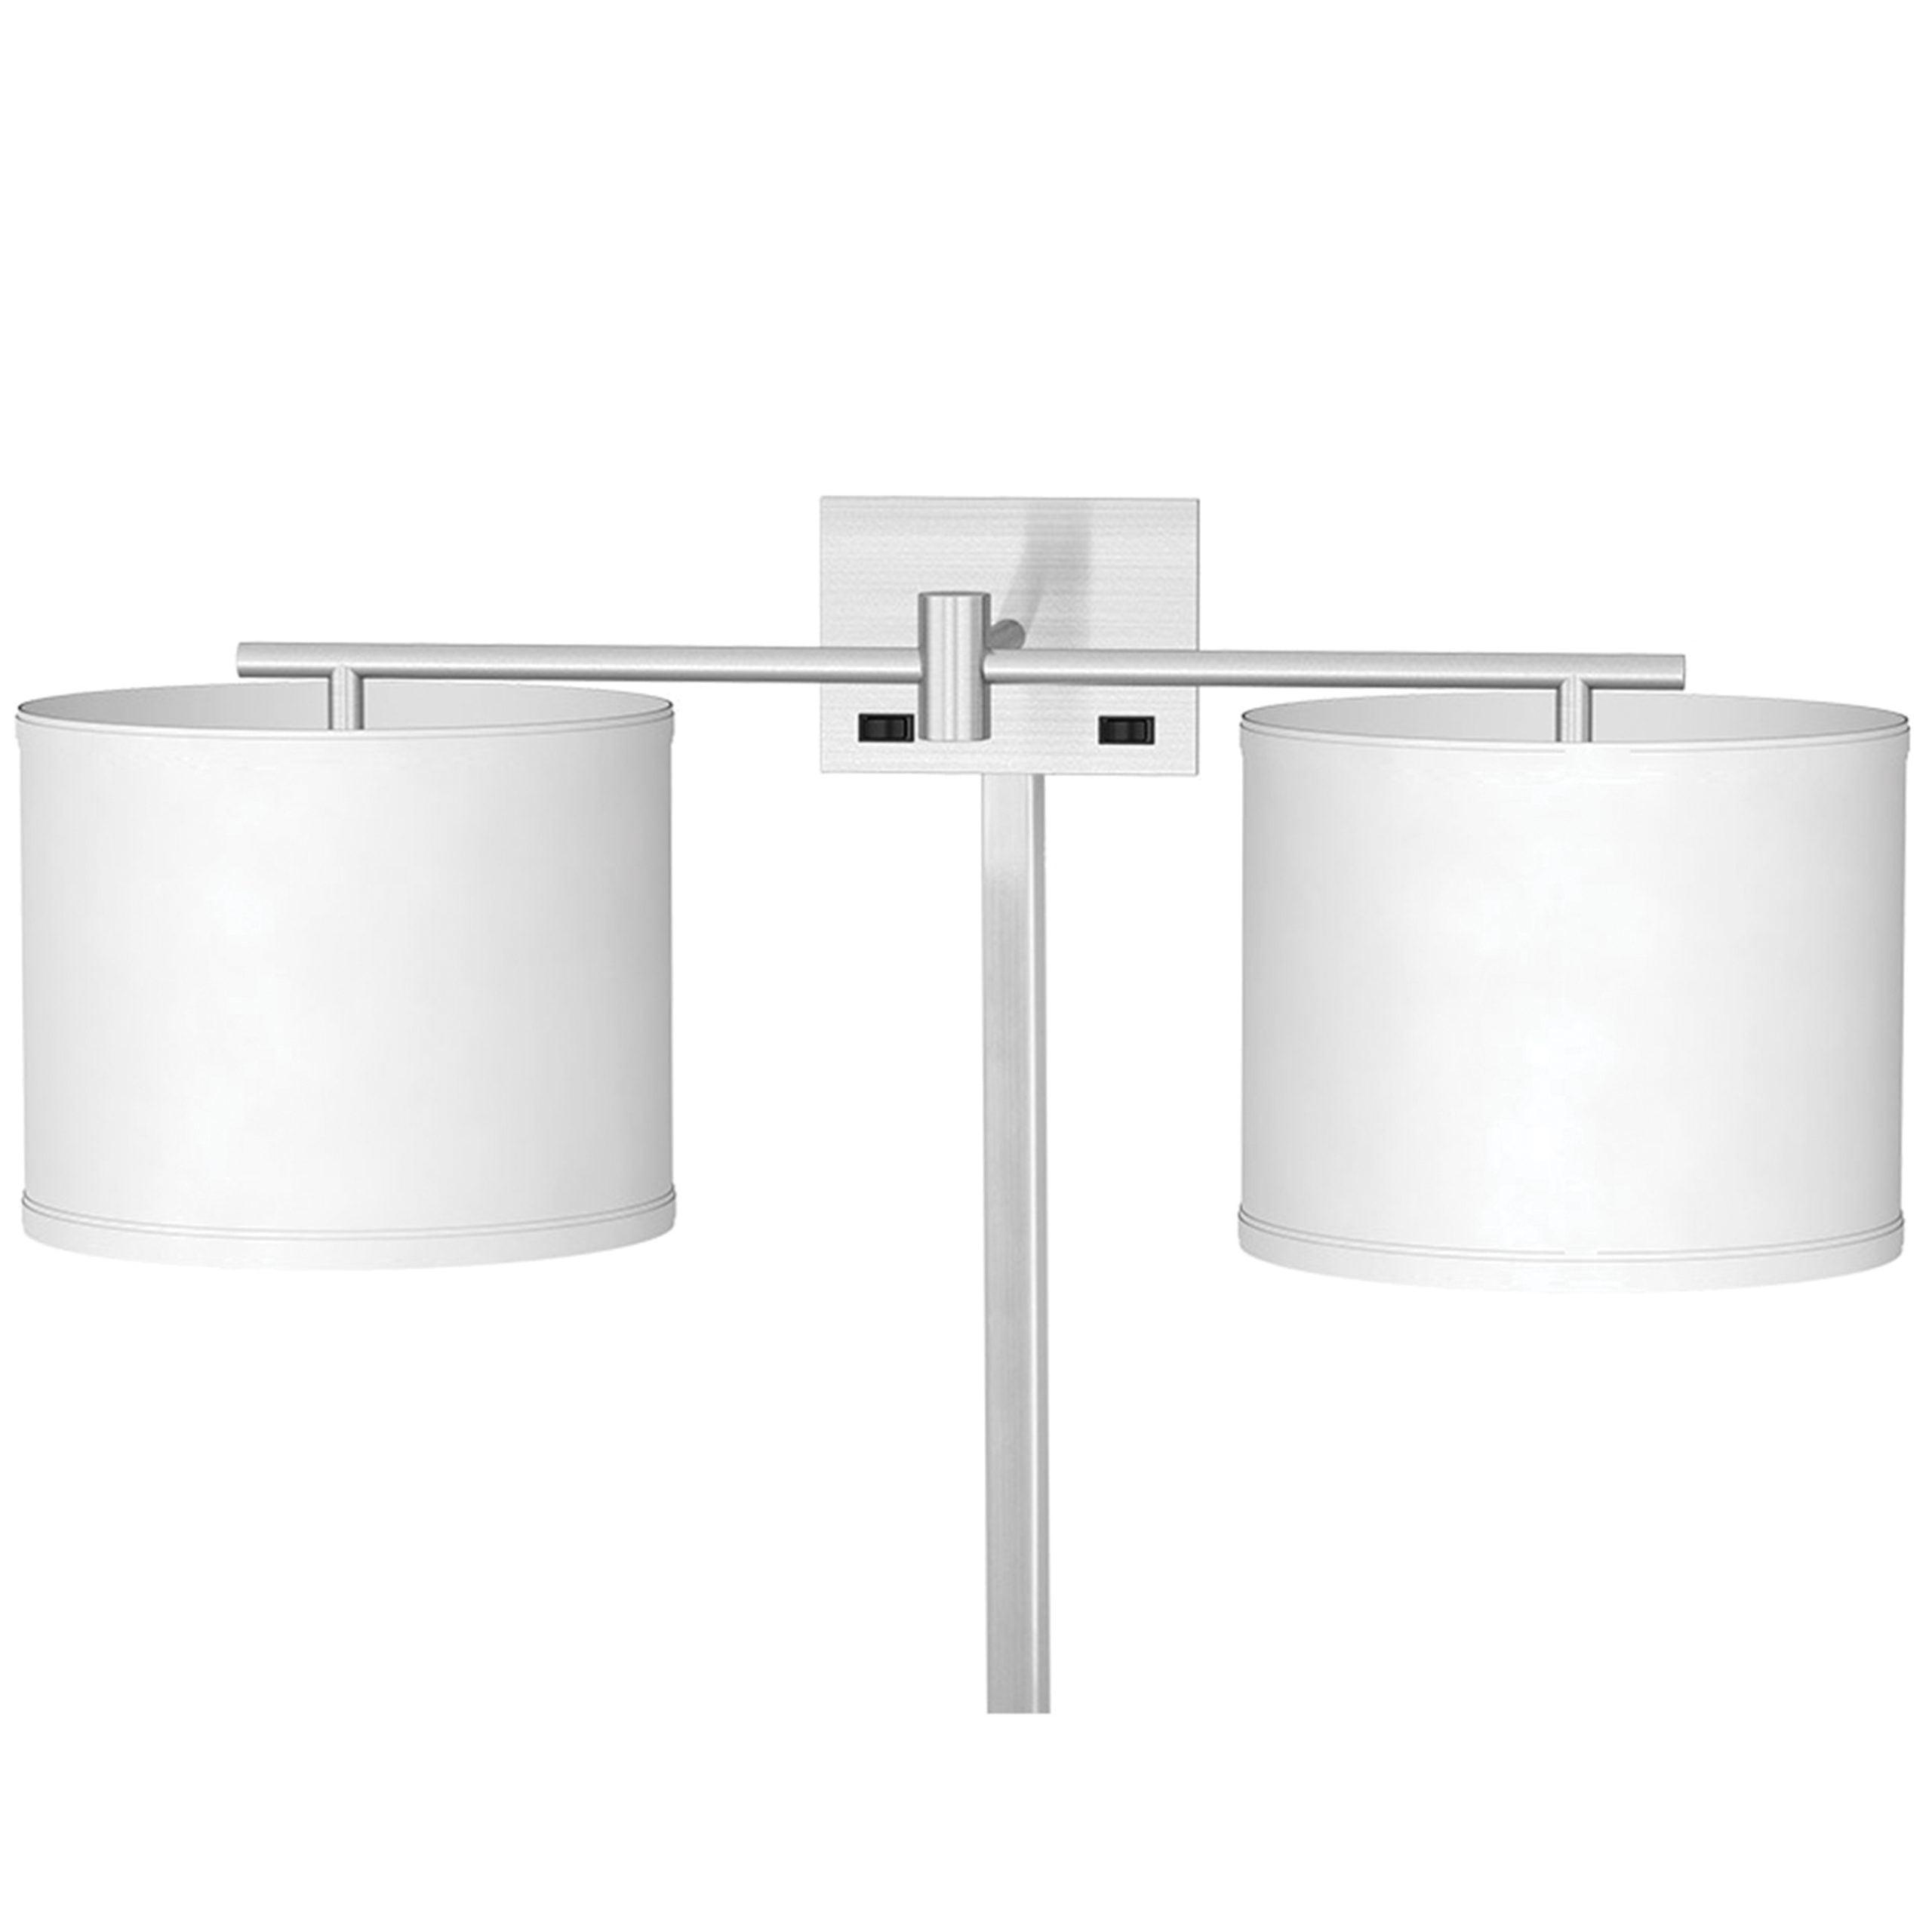 Sleep Double Wall Lamp (Corded)